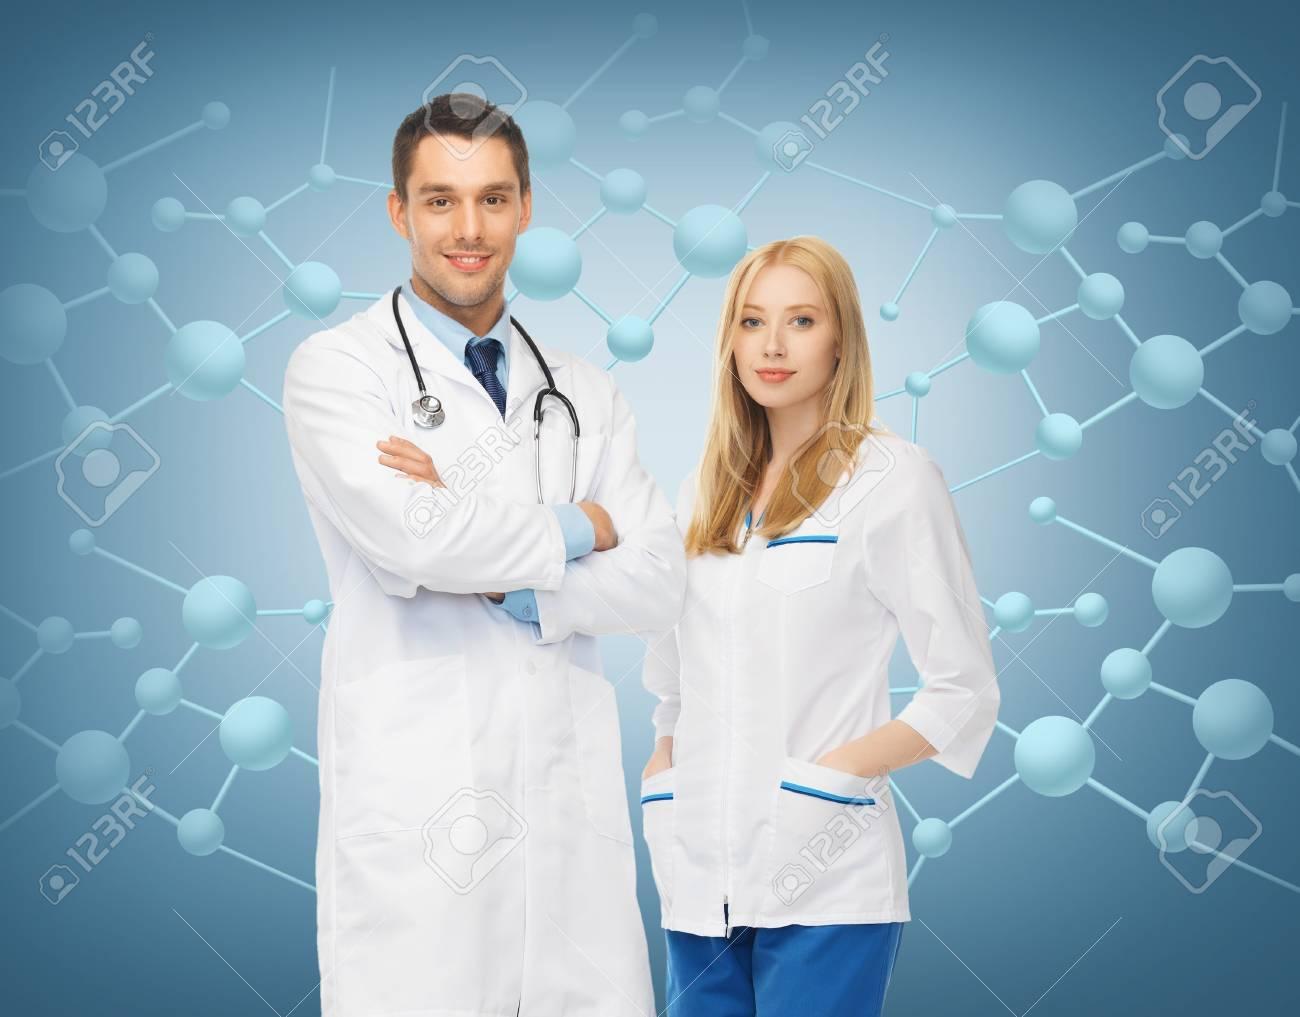 9662f0397 Foto de archivo - Healthcar, la investigación, la ciencia, la química y el concepto  médico - retrato de dos médicos jóvenes atractivas